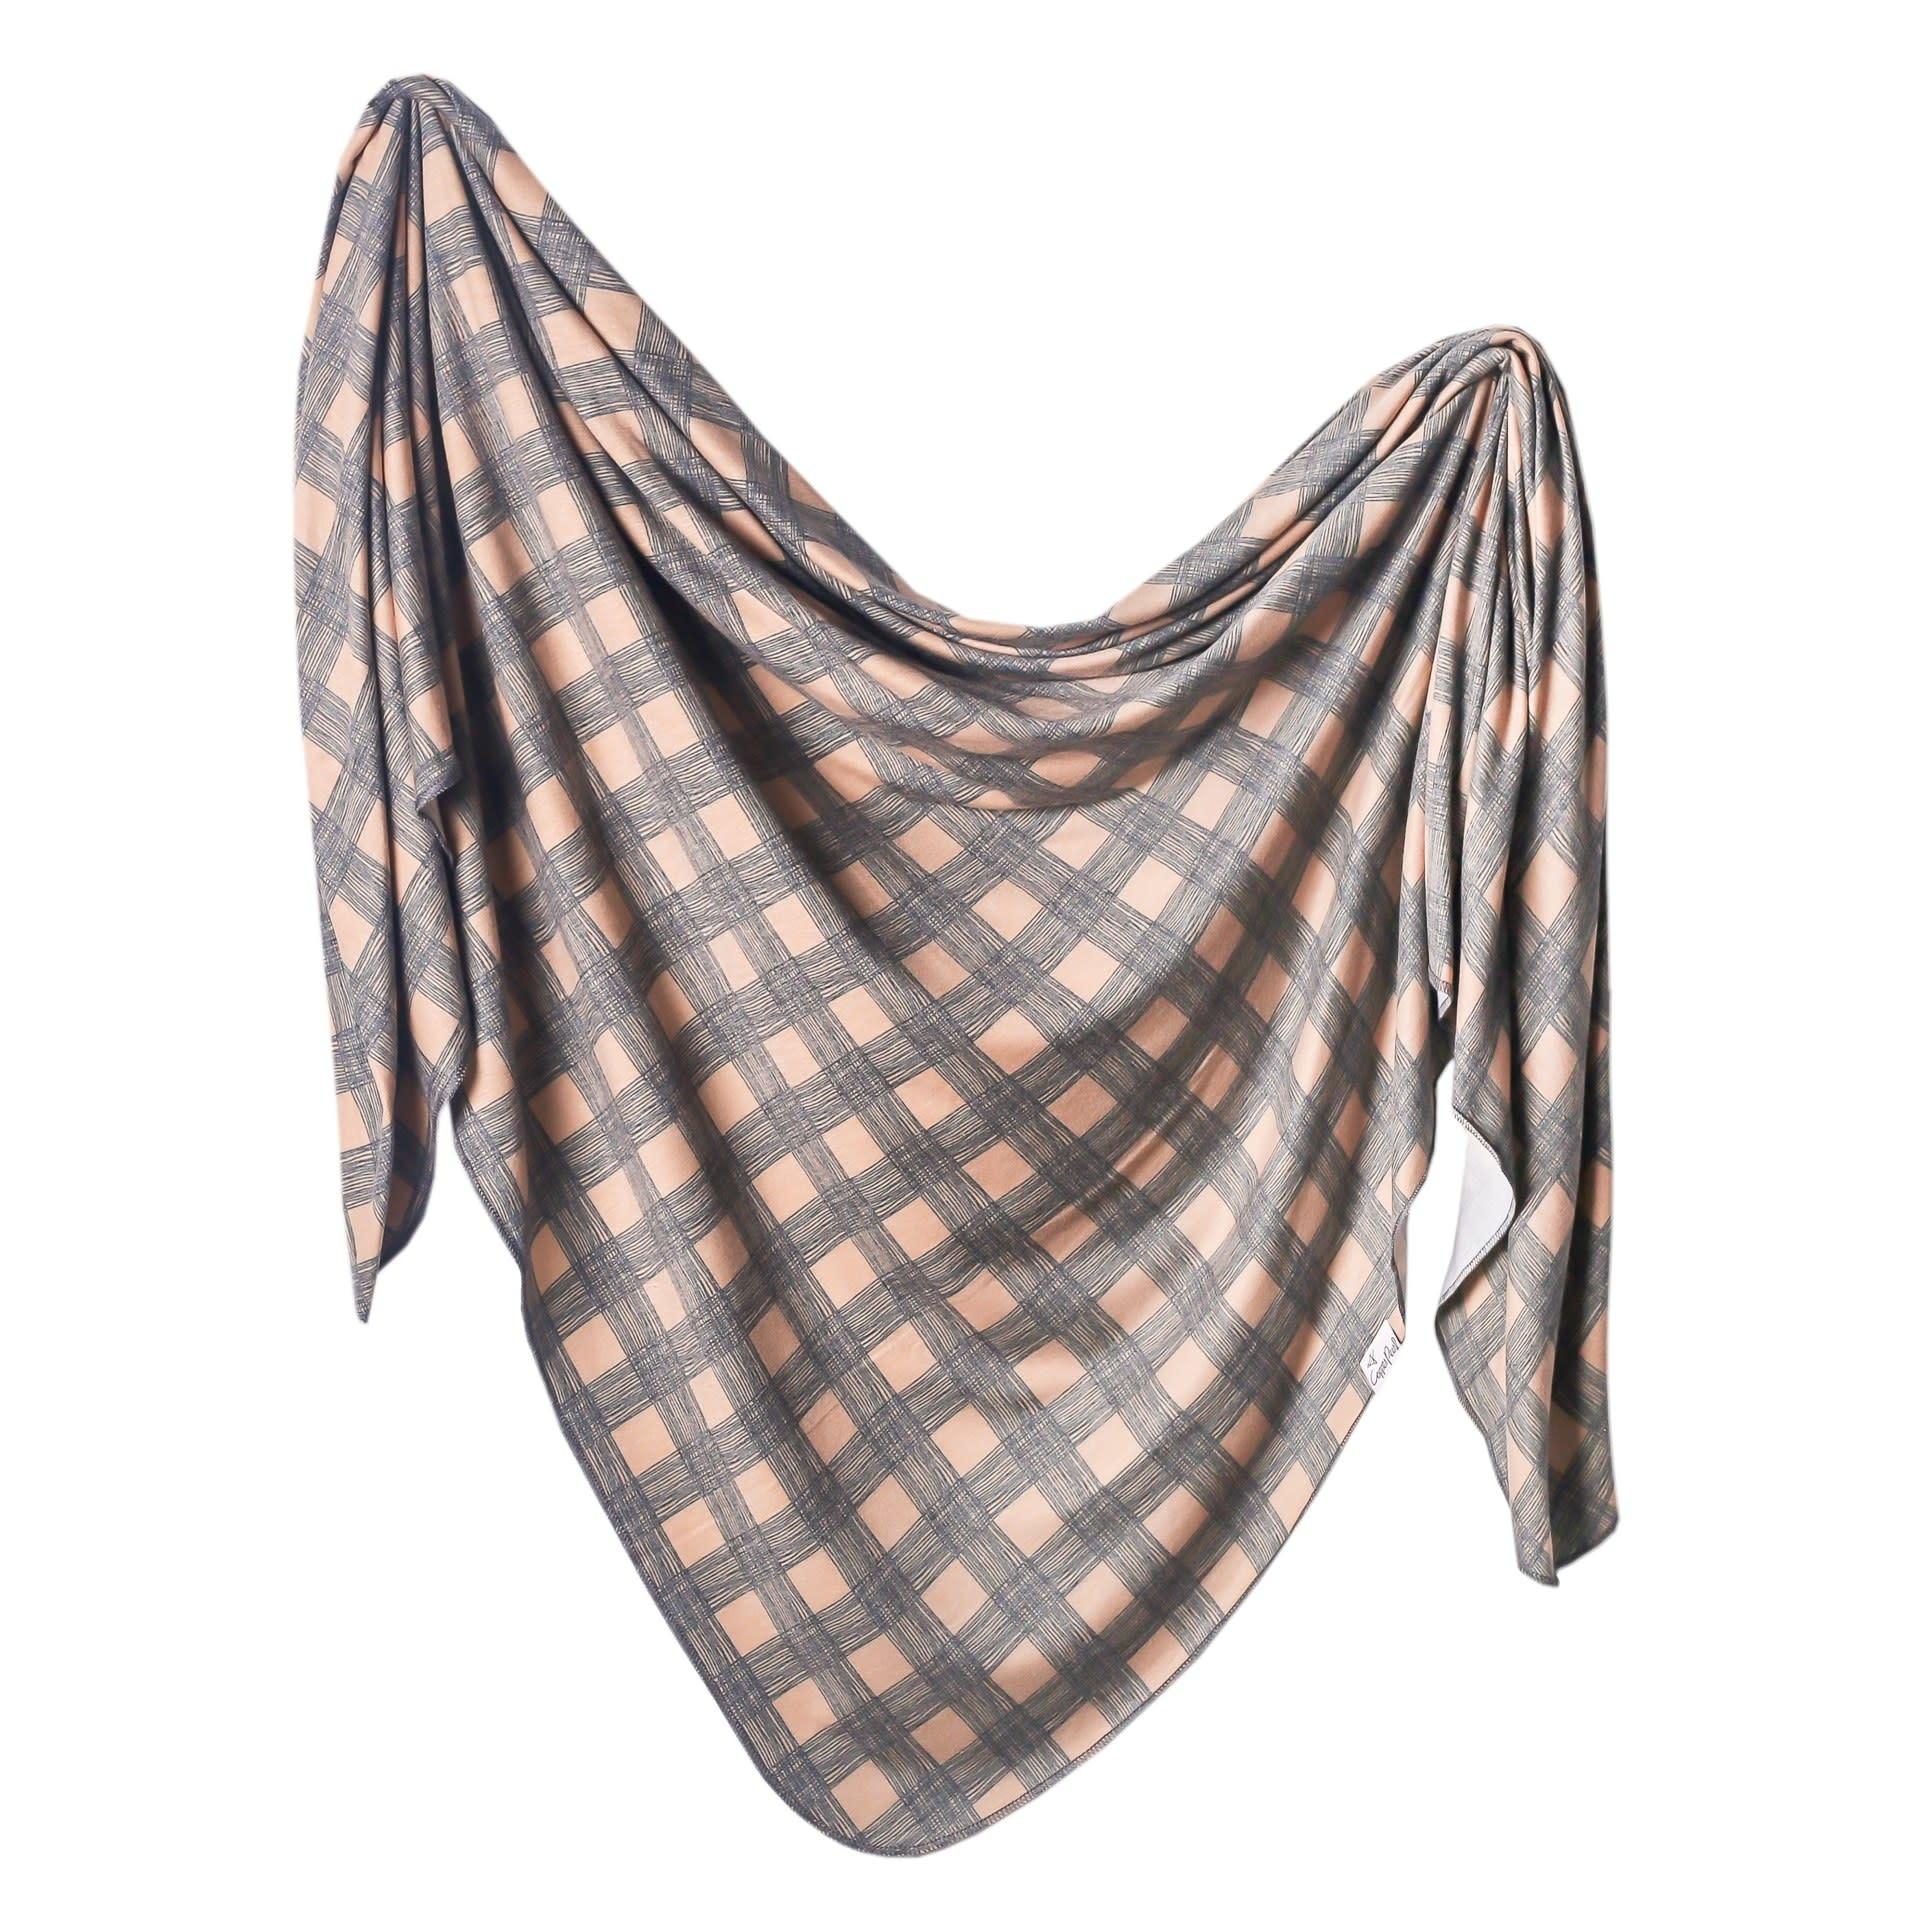 Copper Pearl Knit Blanket - Billy